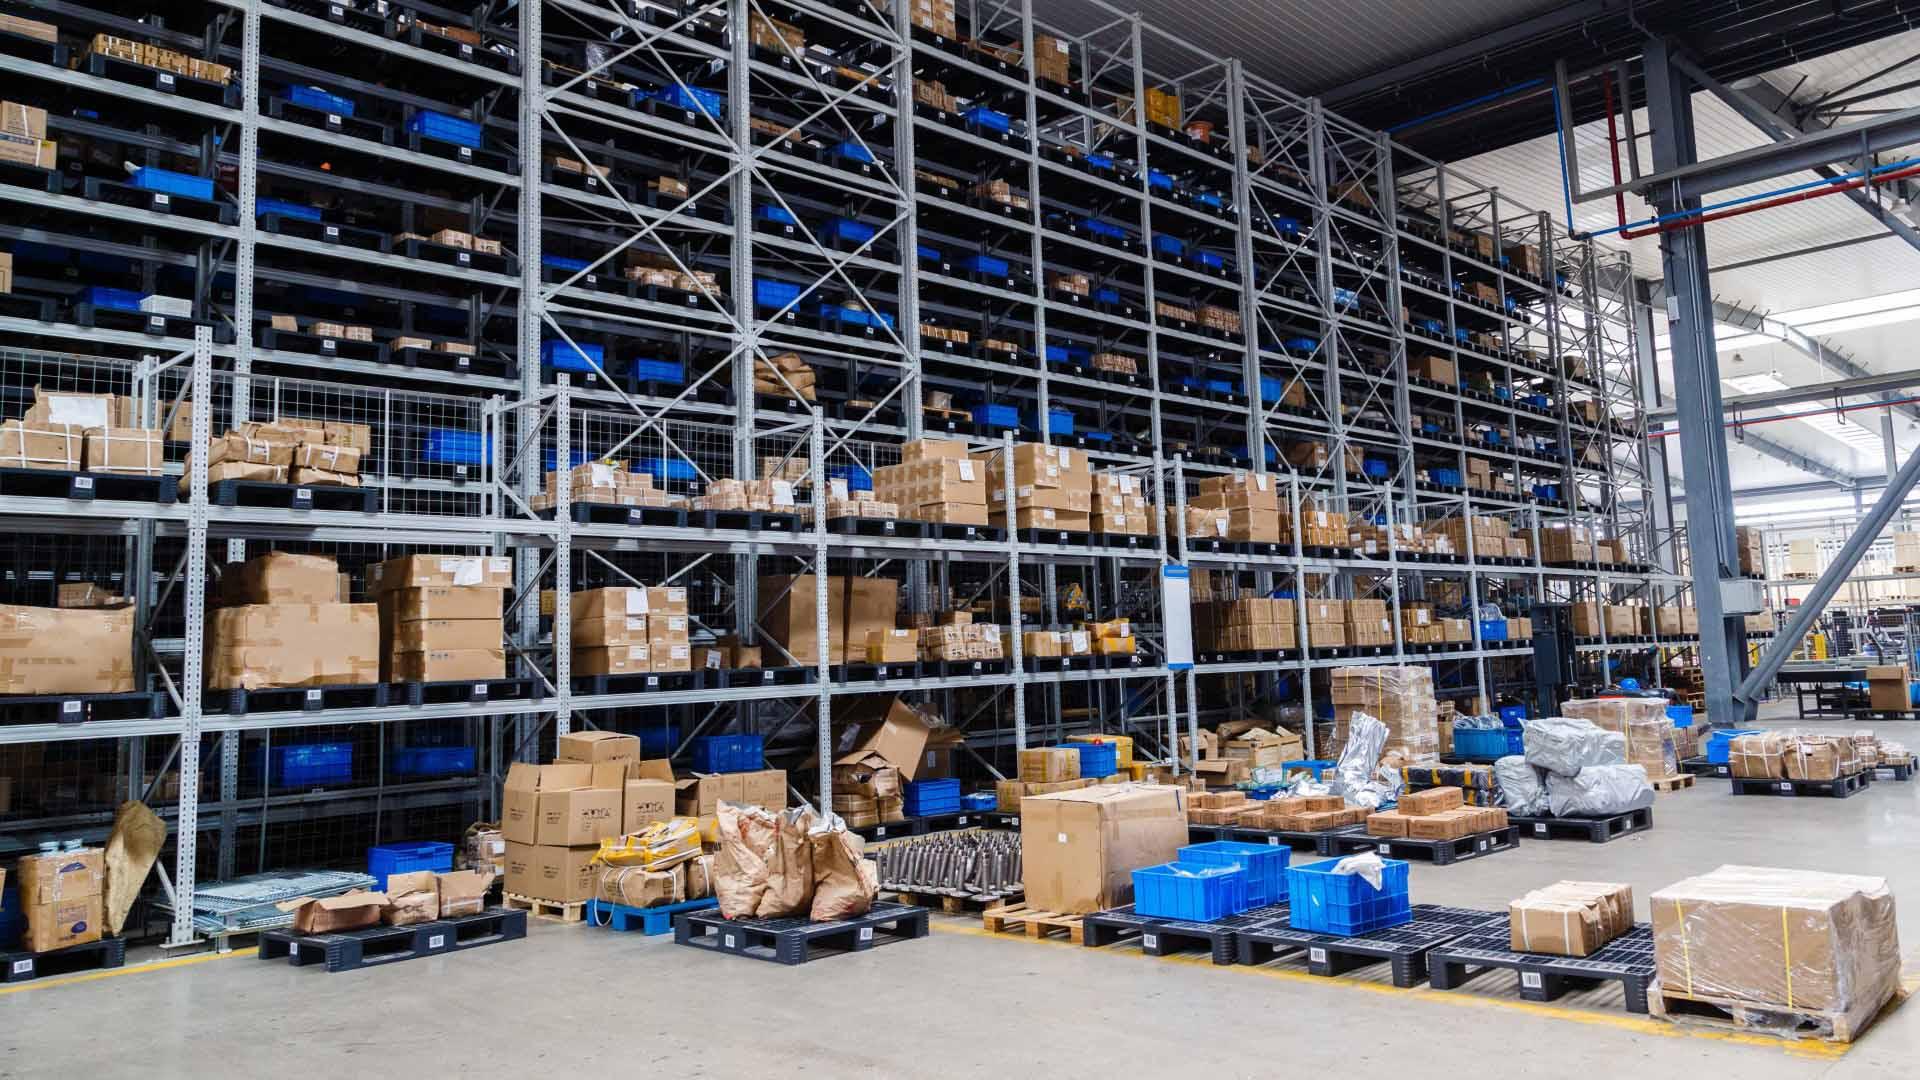 Cargonet Heathrow Warehouse